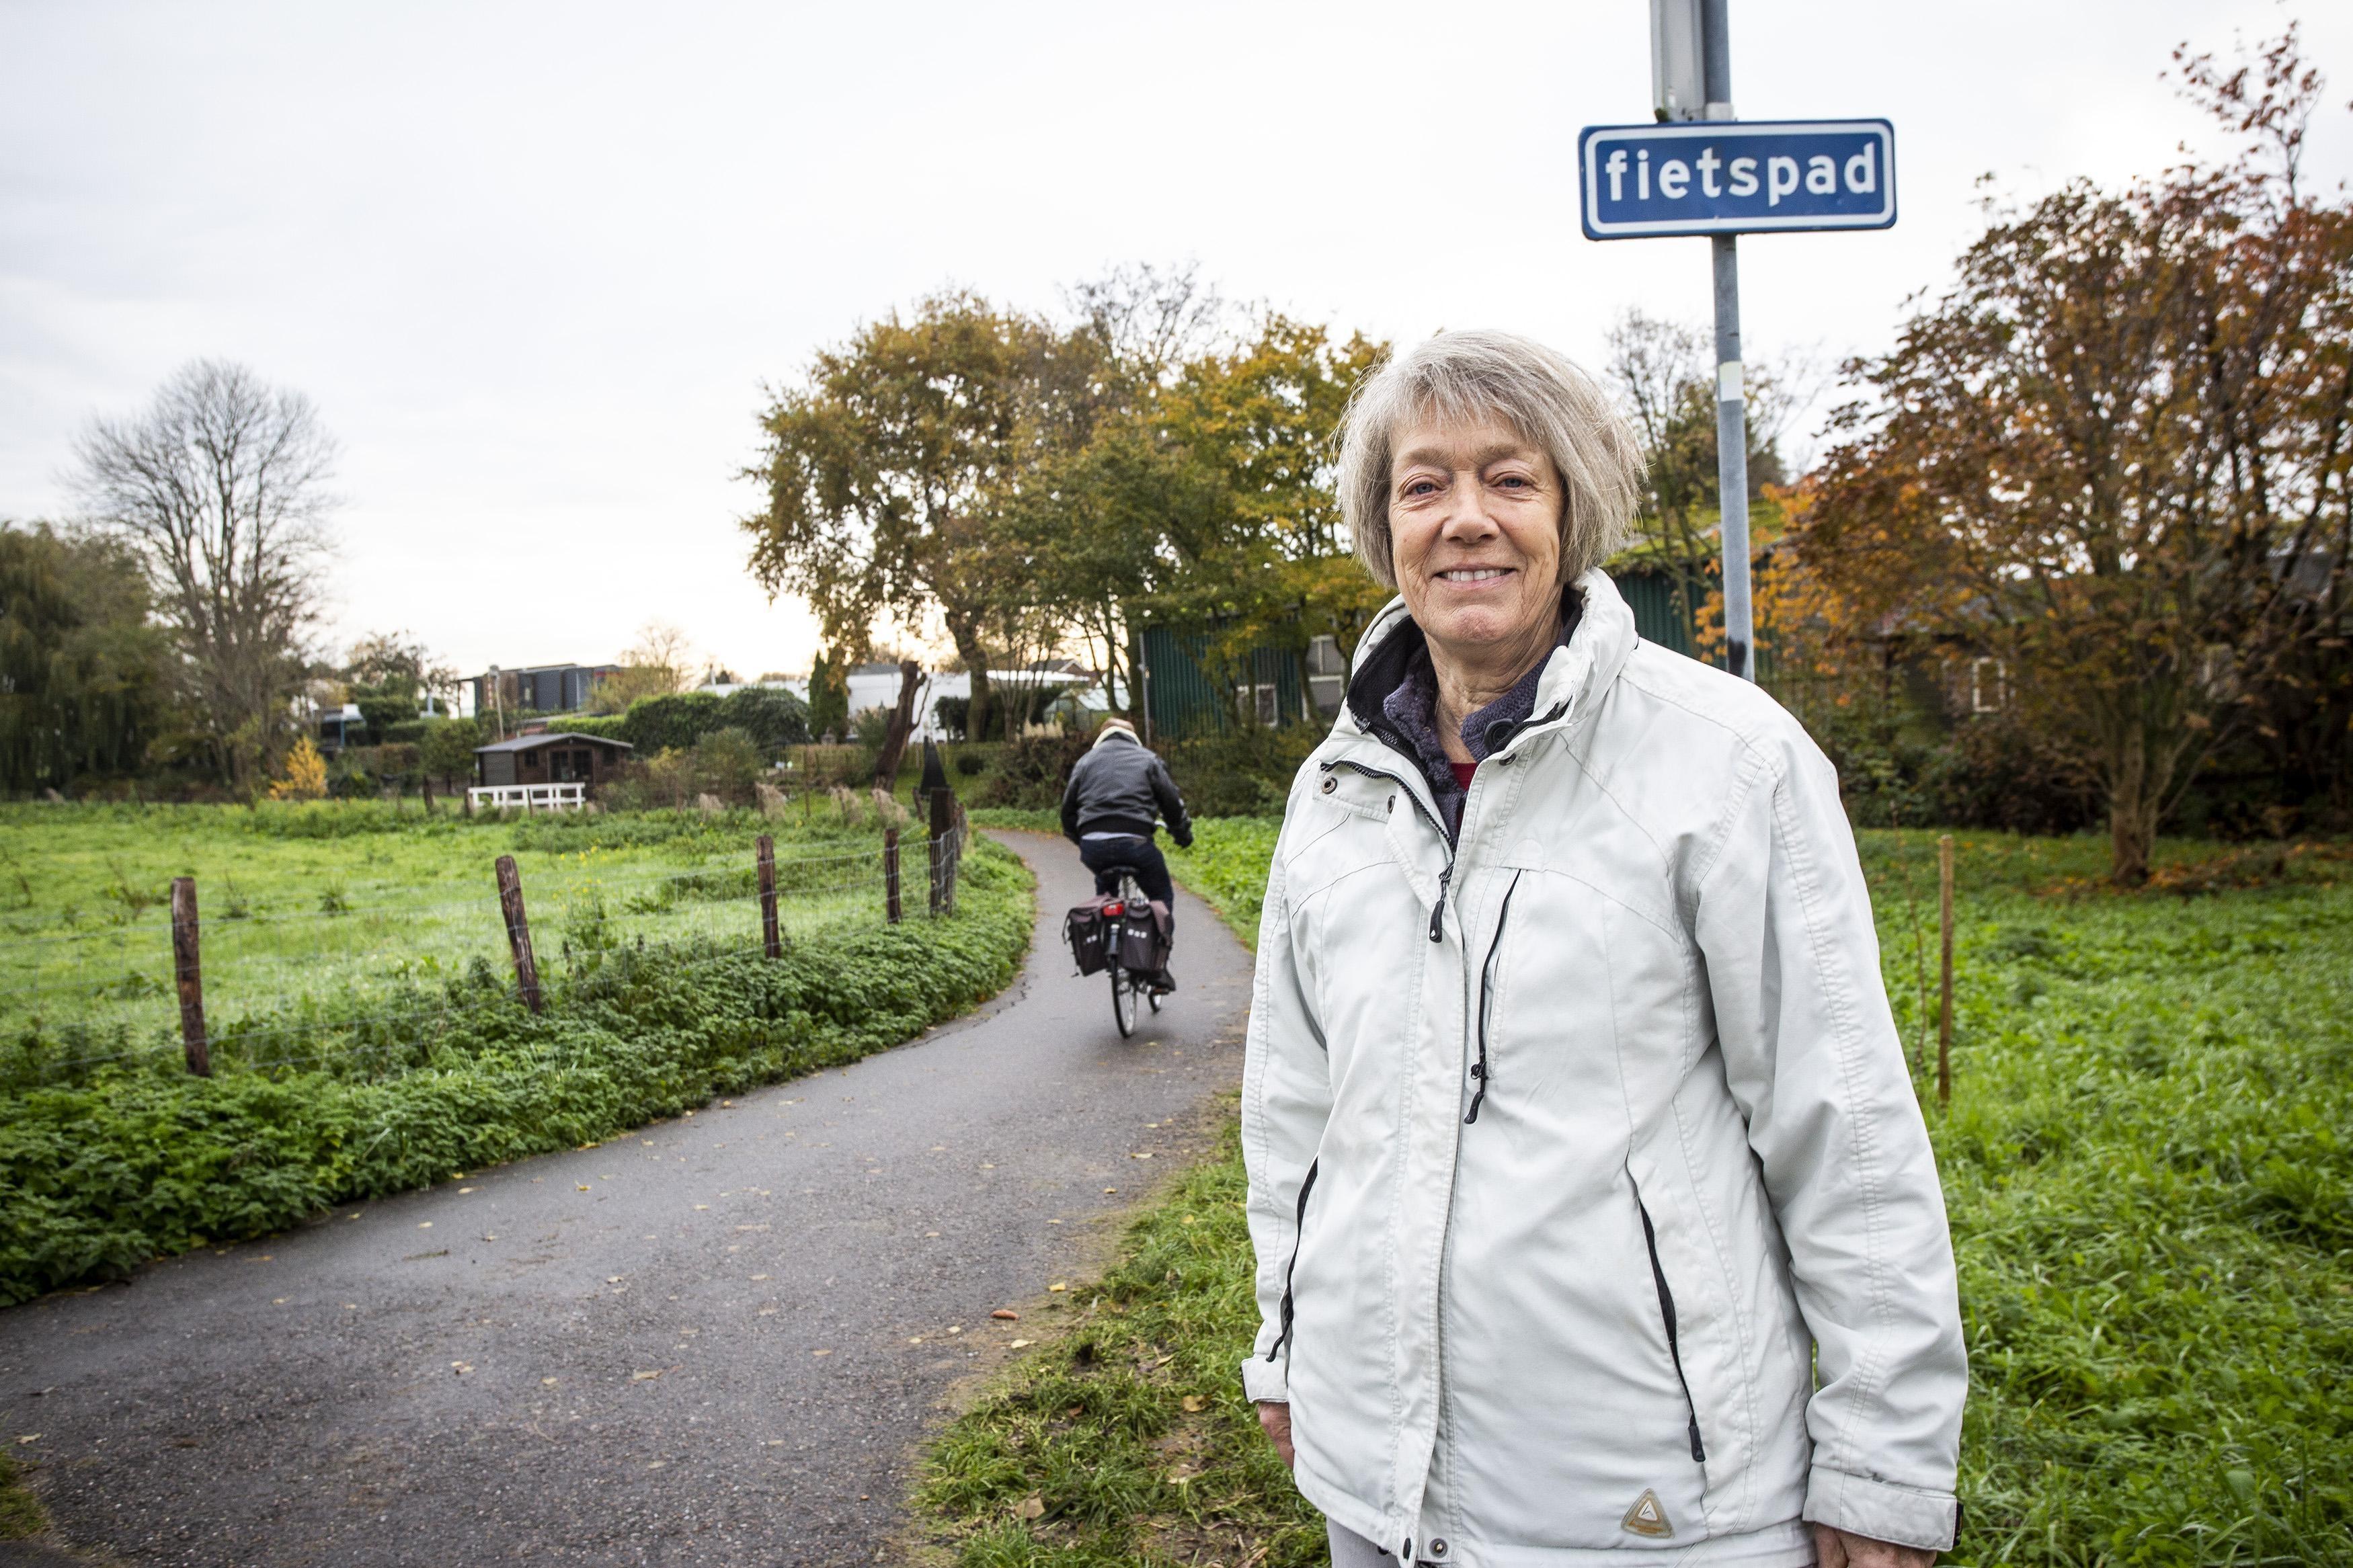 Haarlem-Molenwijk voelt zich niet gehoord over parkeer- en verkeersproblemen in de wijk - Noordhollands Dagblad